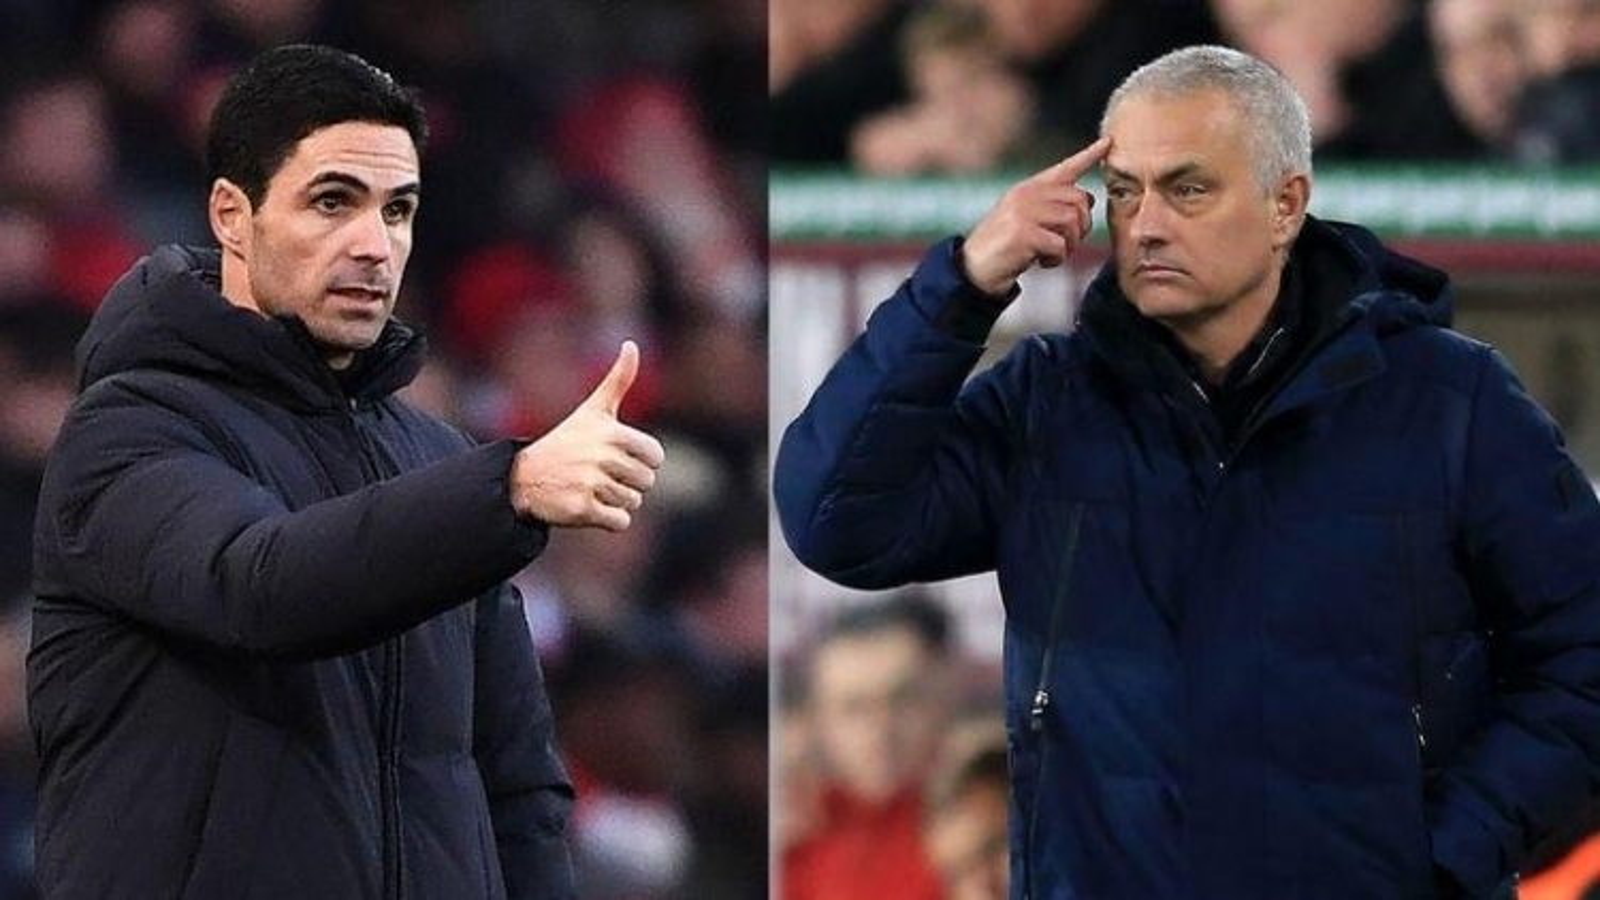 Tottenham - Arsenal: Mourinho, Arteta và dấu hỏi về tương lai?